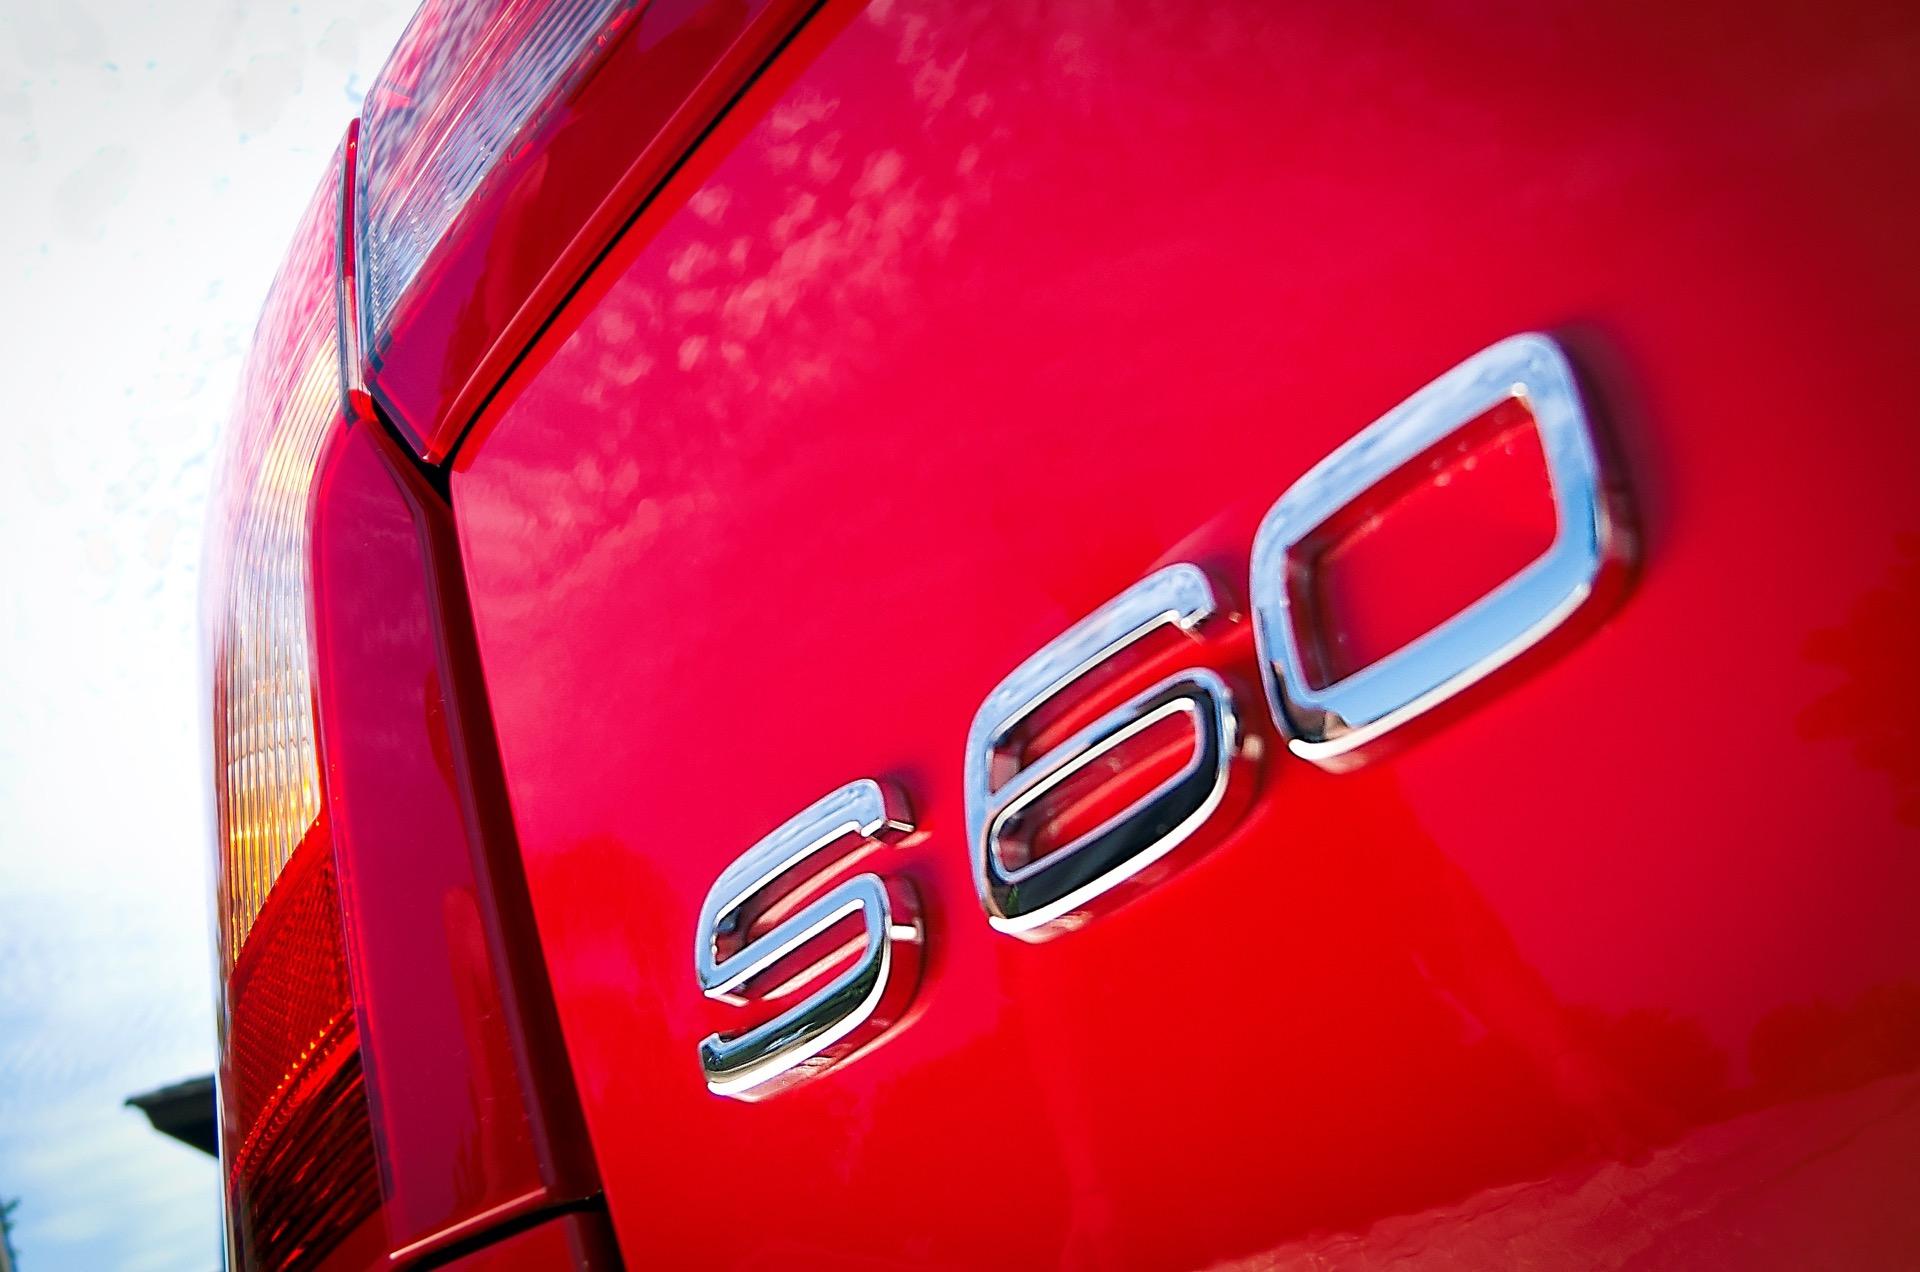 S60 R Design07 -  Volvo